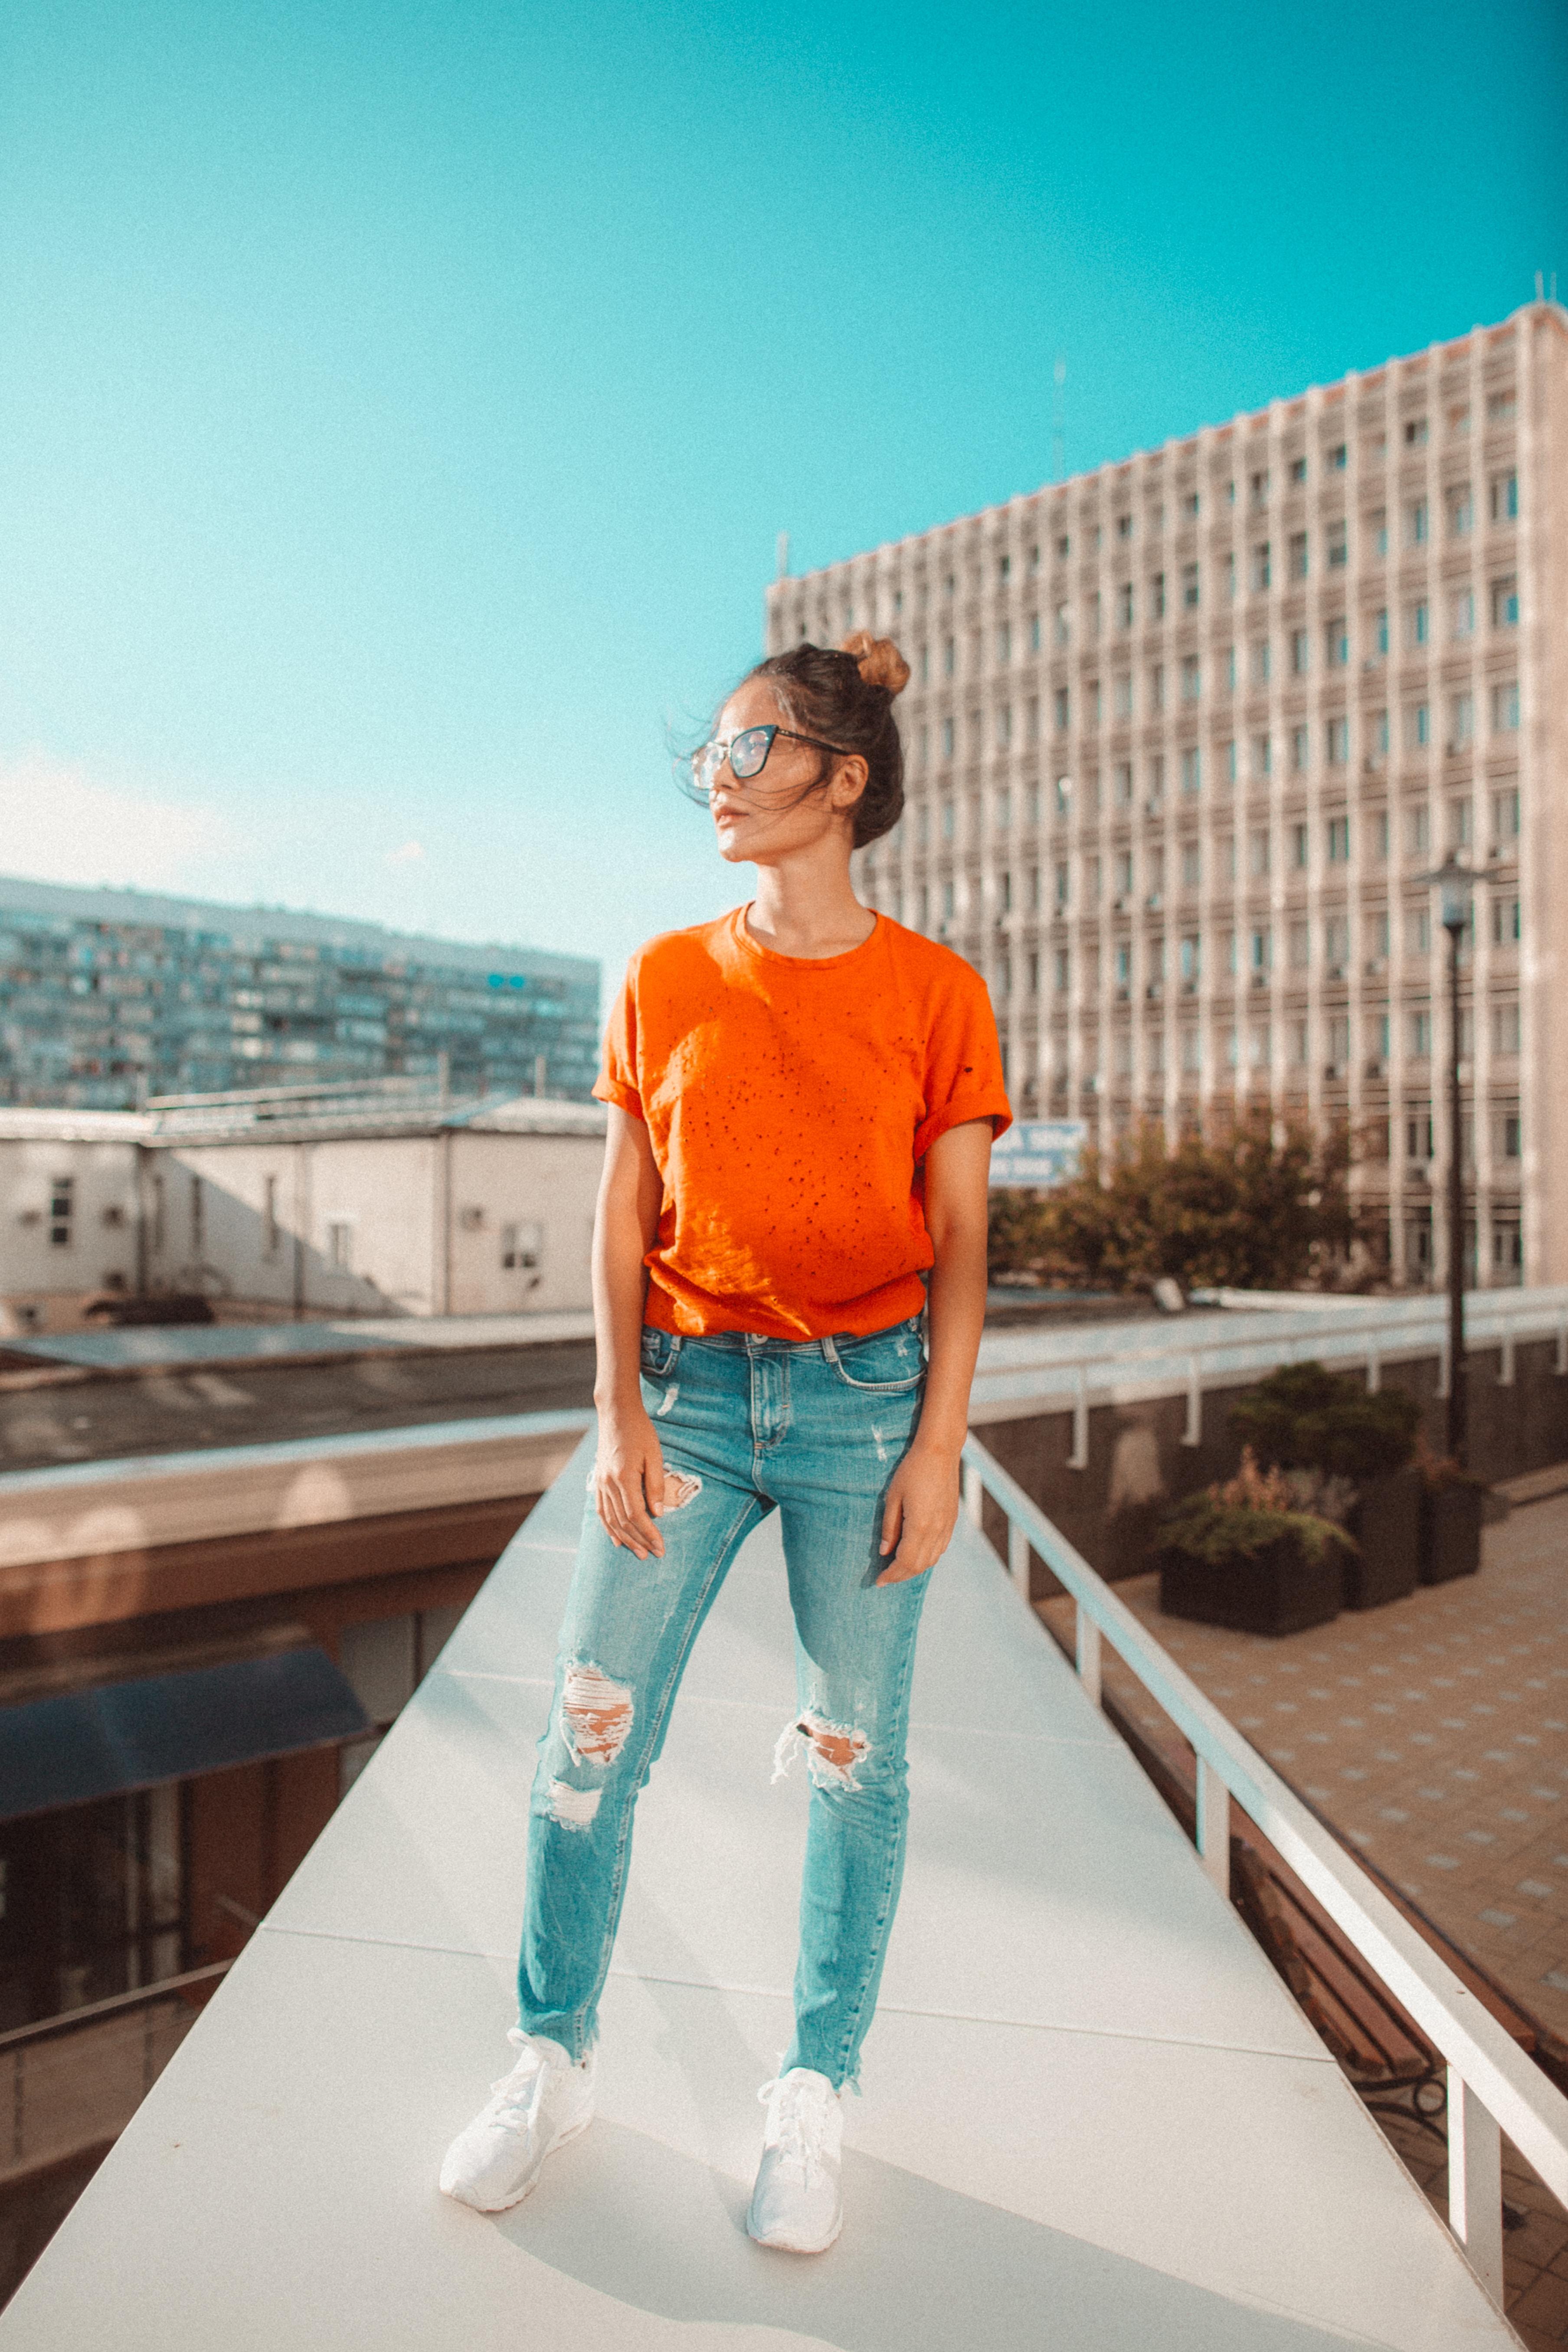 woman in orange crew-neck top standing footbridge